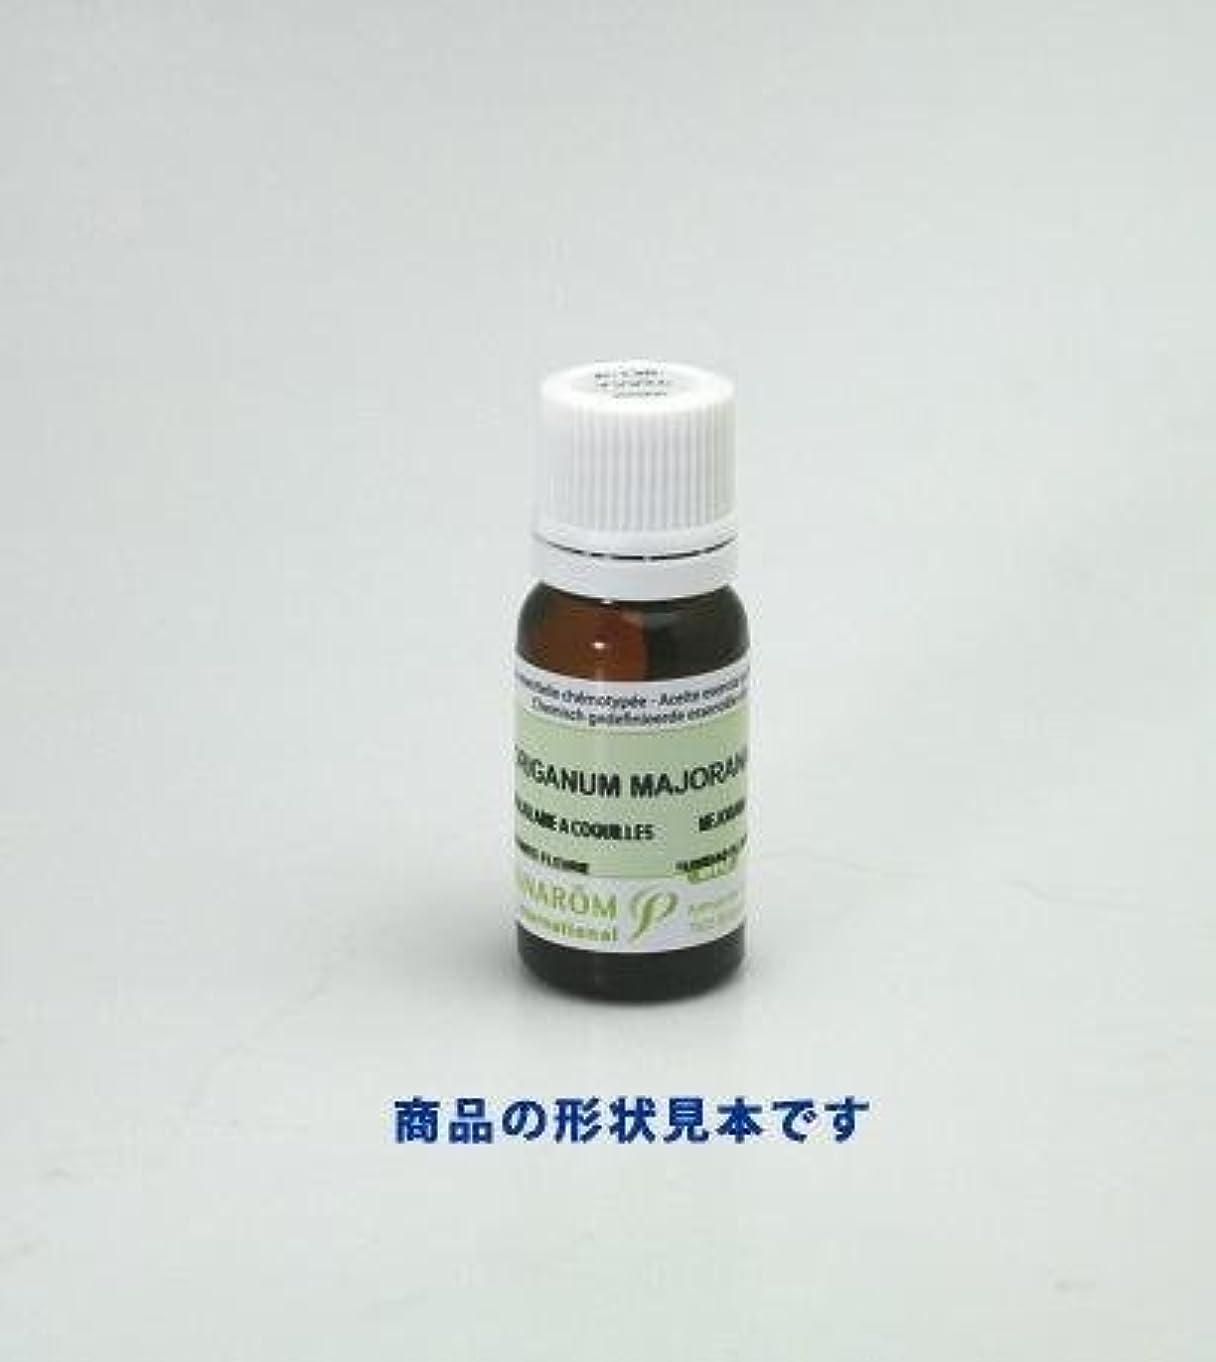 ピーブベルベットの前でプラナロム精油 レモンバーベナ(P-106)